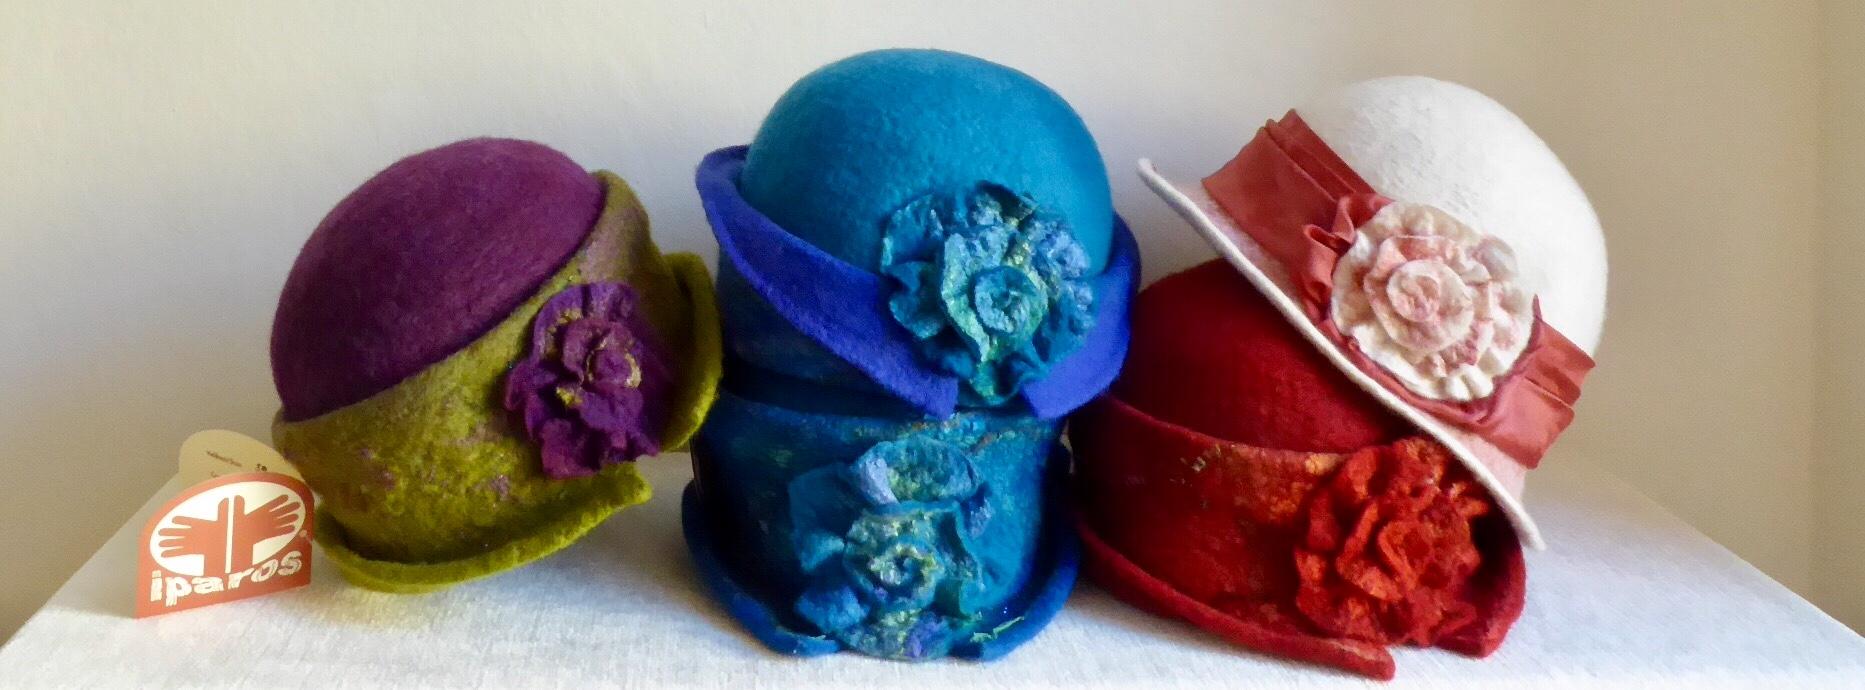 Plstěné klobouky